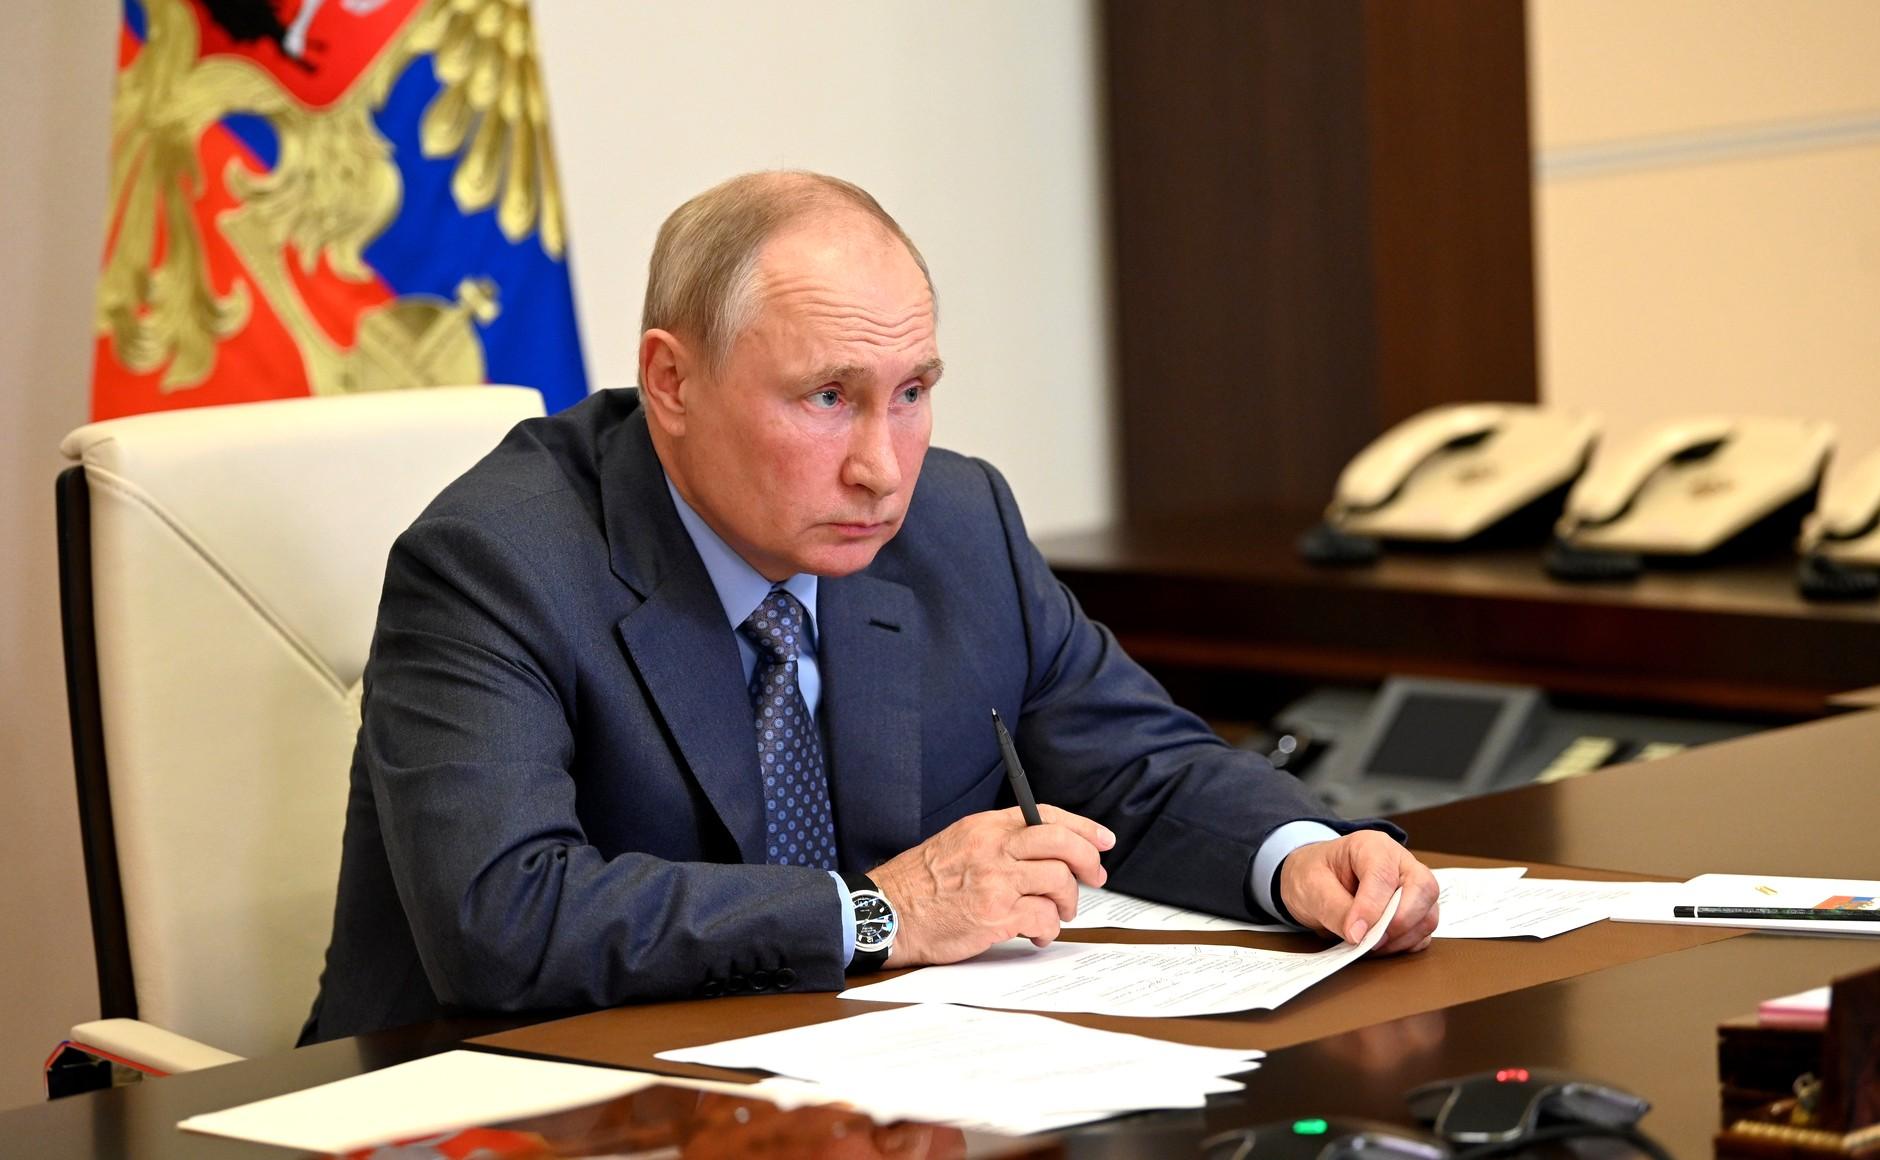 Путин подчеркнул важность заботы о детях, проживающих в зонах подтоплений и пожаров